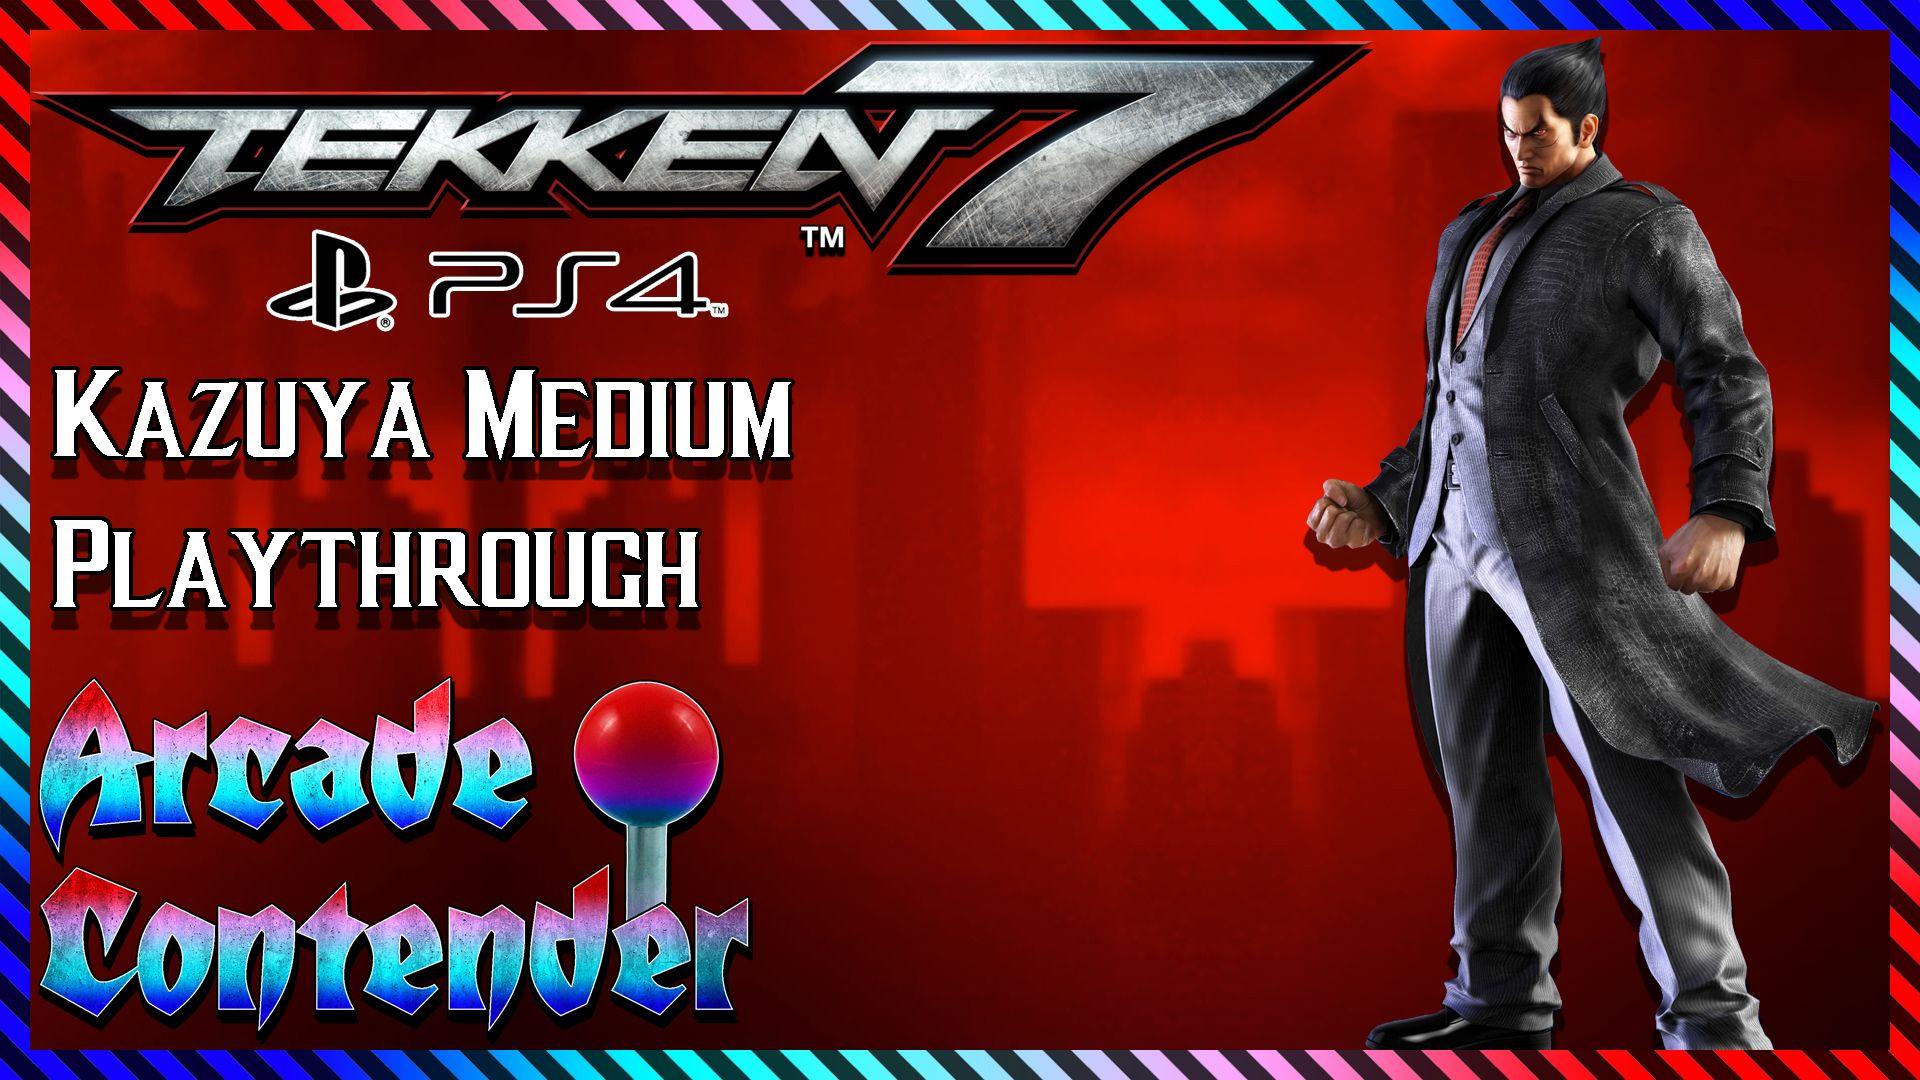 Tekken 7 (PS4) | Kazuya Medium Playthrough | Arcade